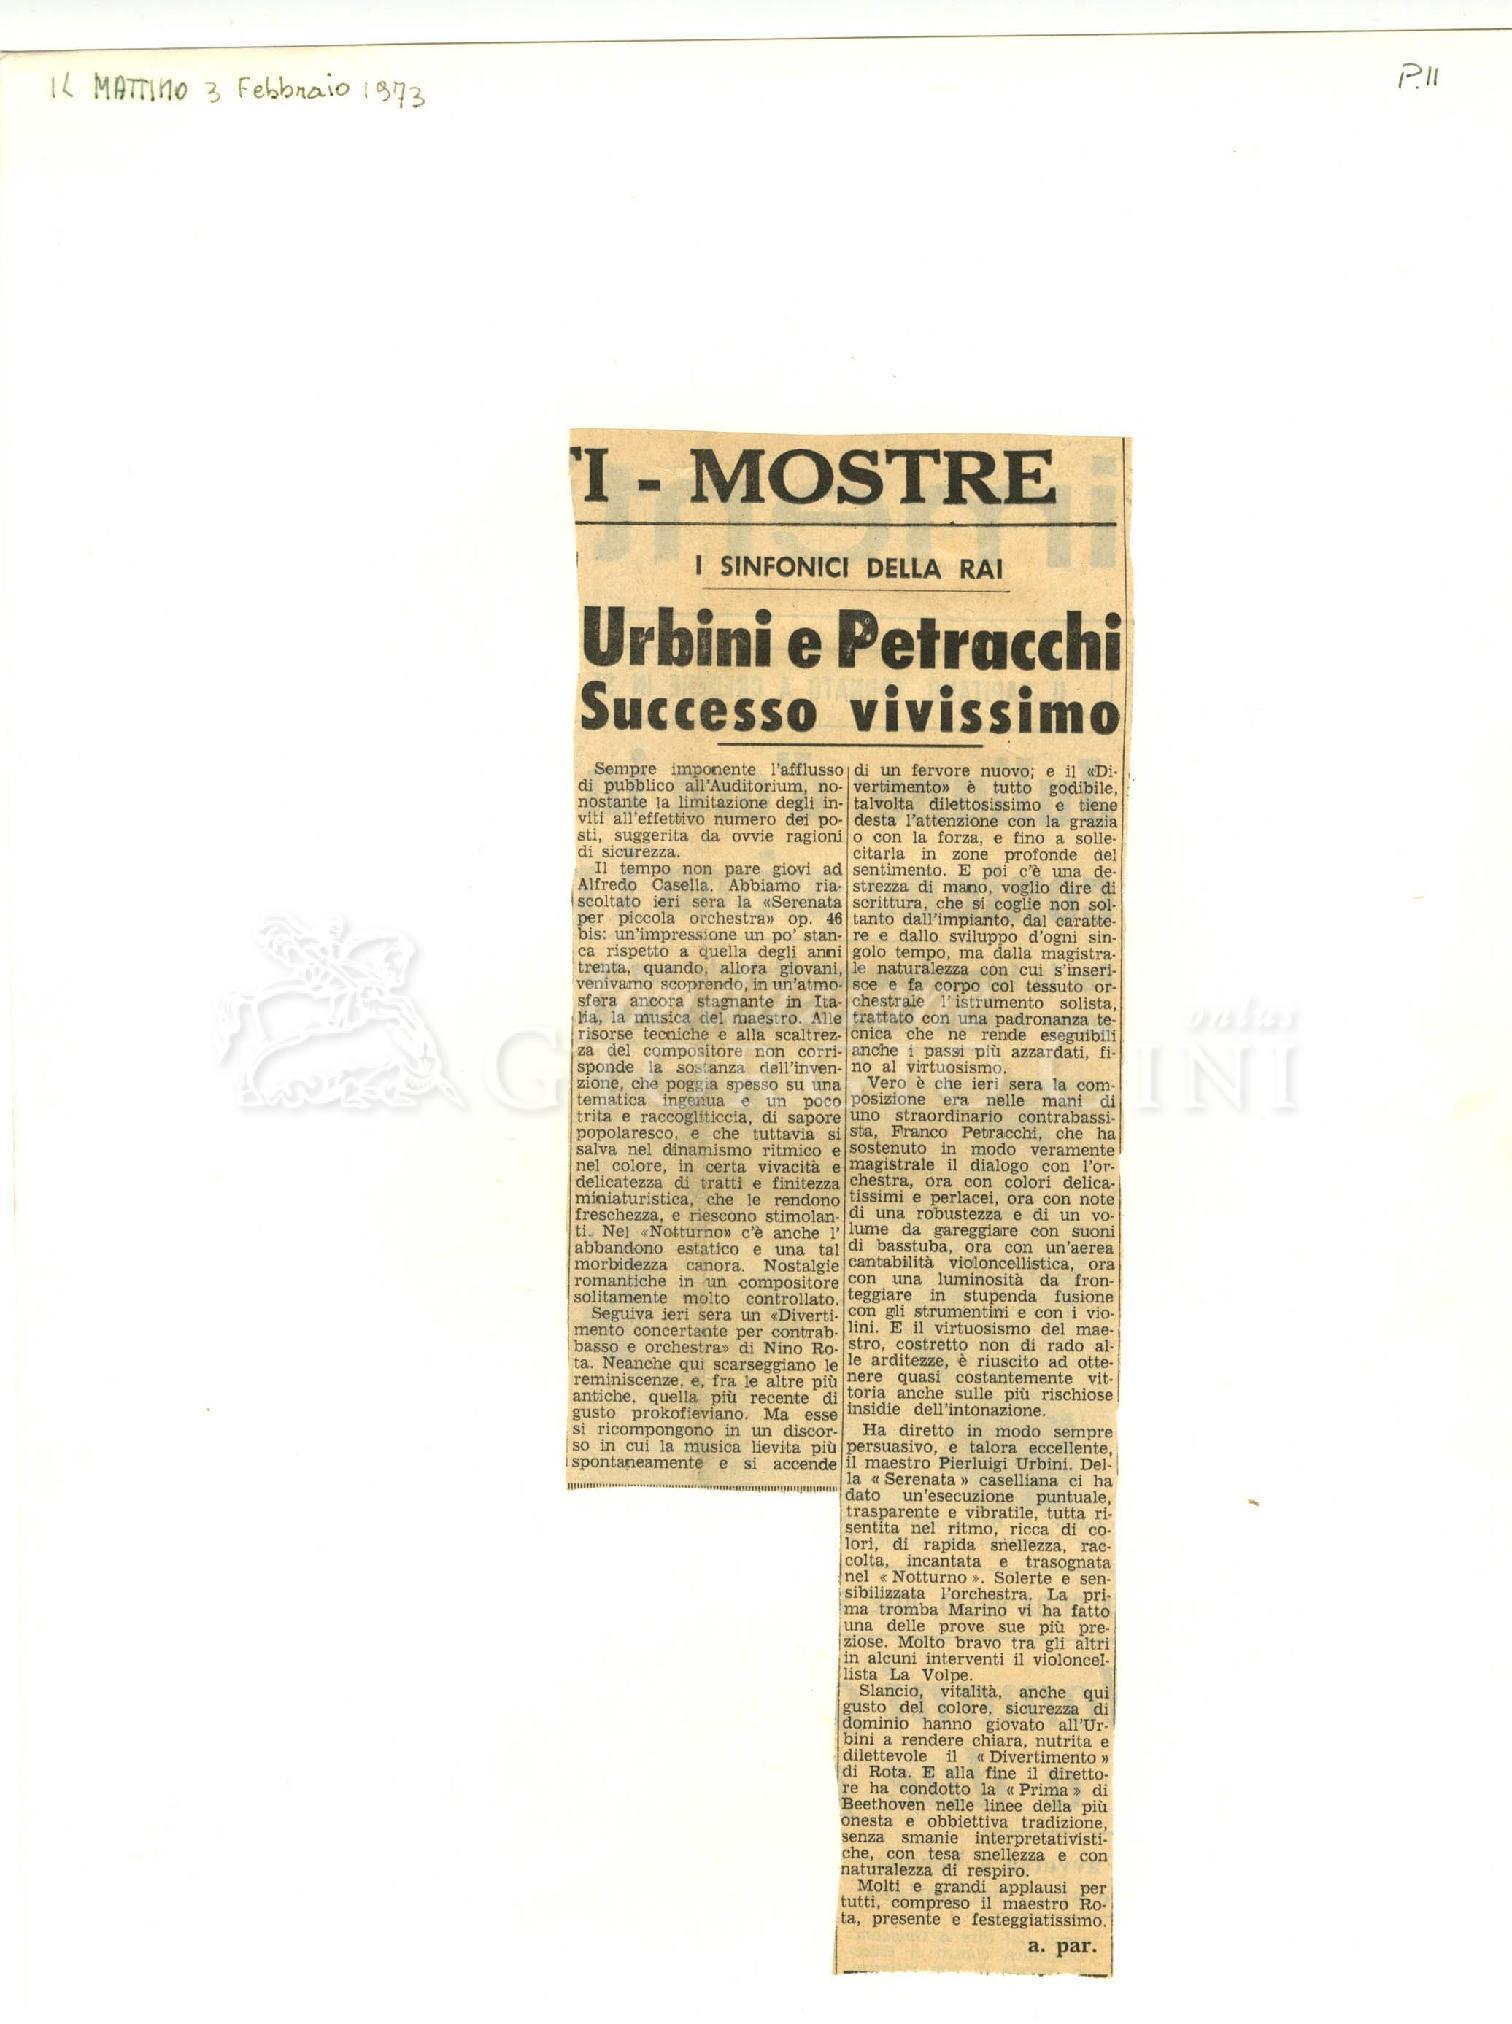 Urbini e Petracchi. Successo vivissimo  03 febbraio 1973